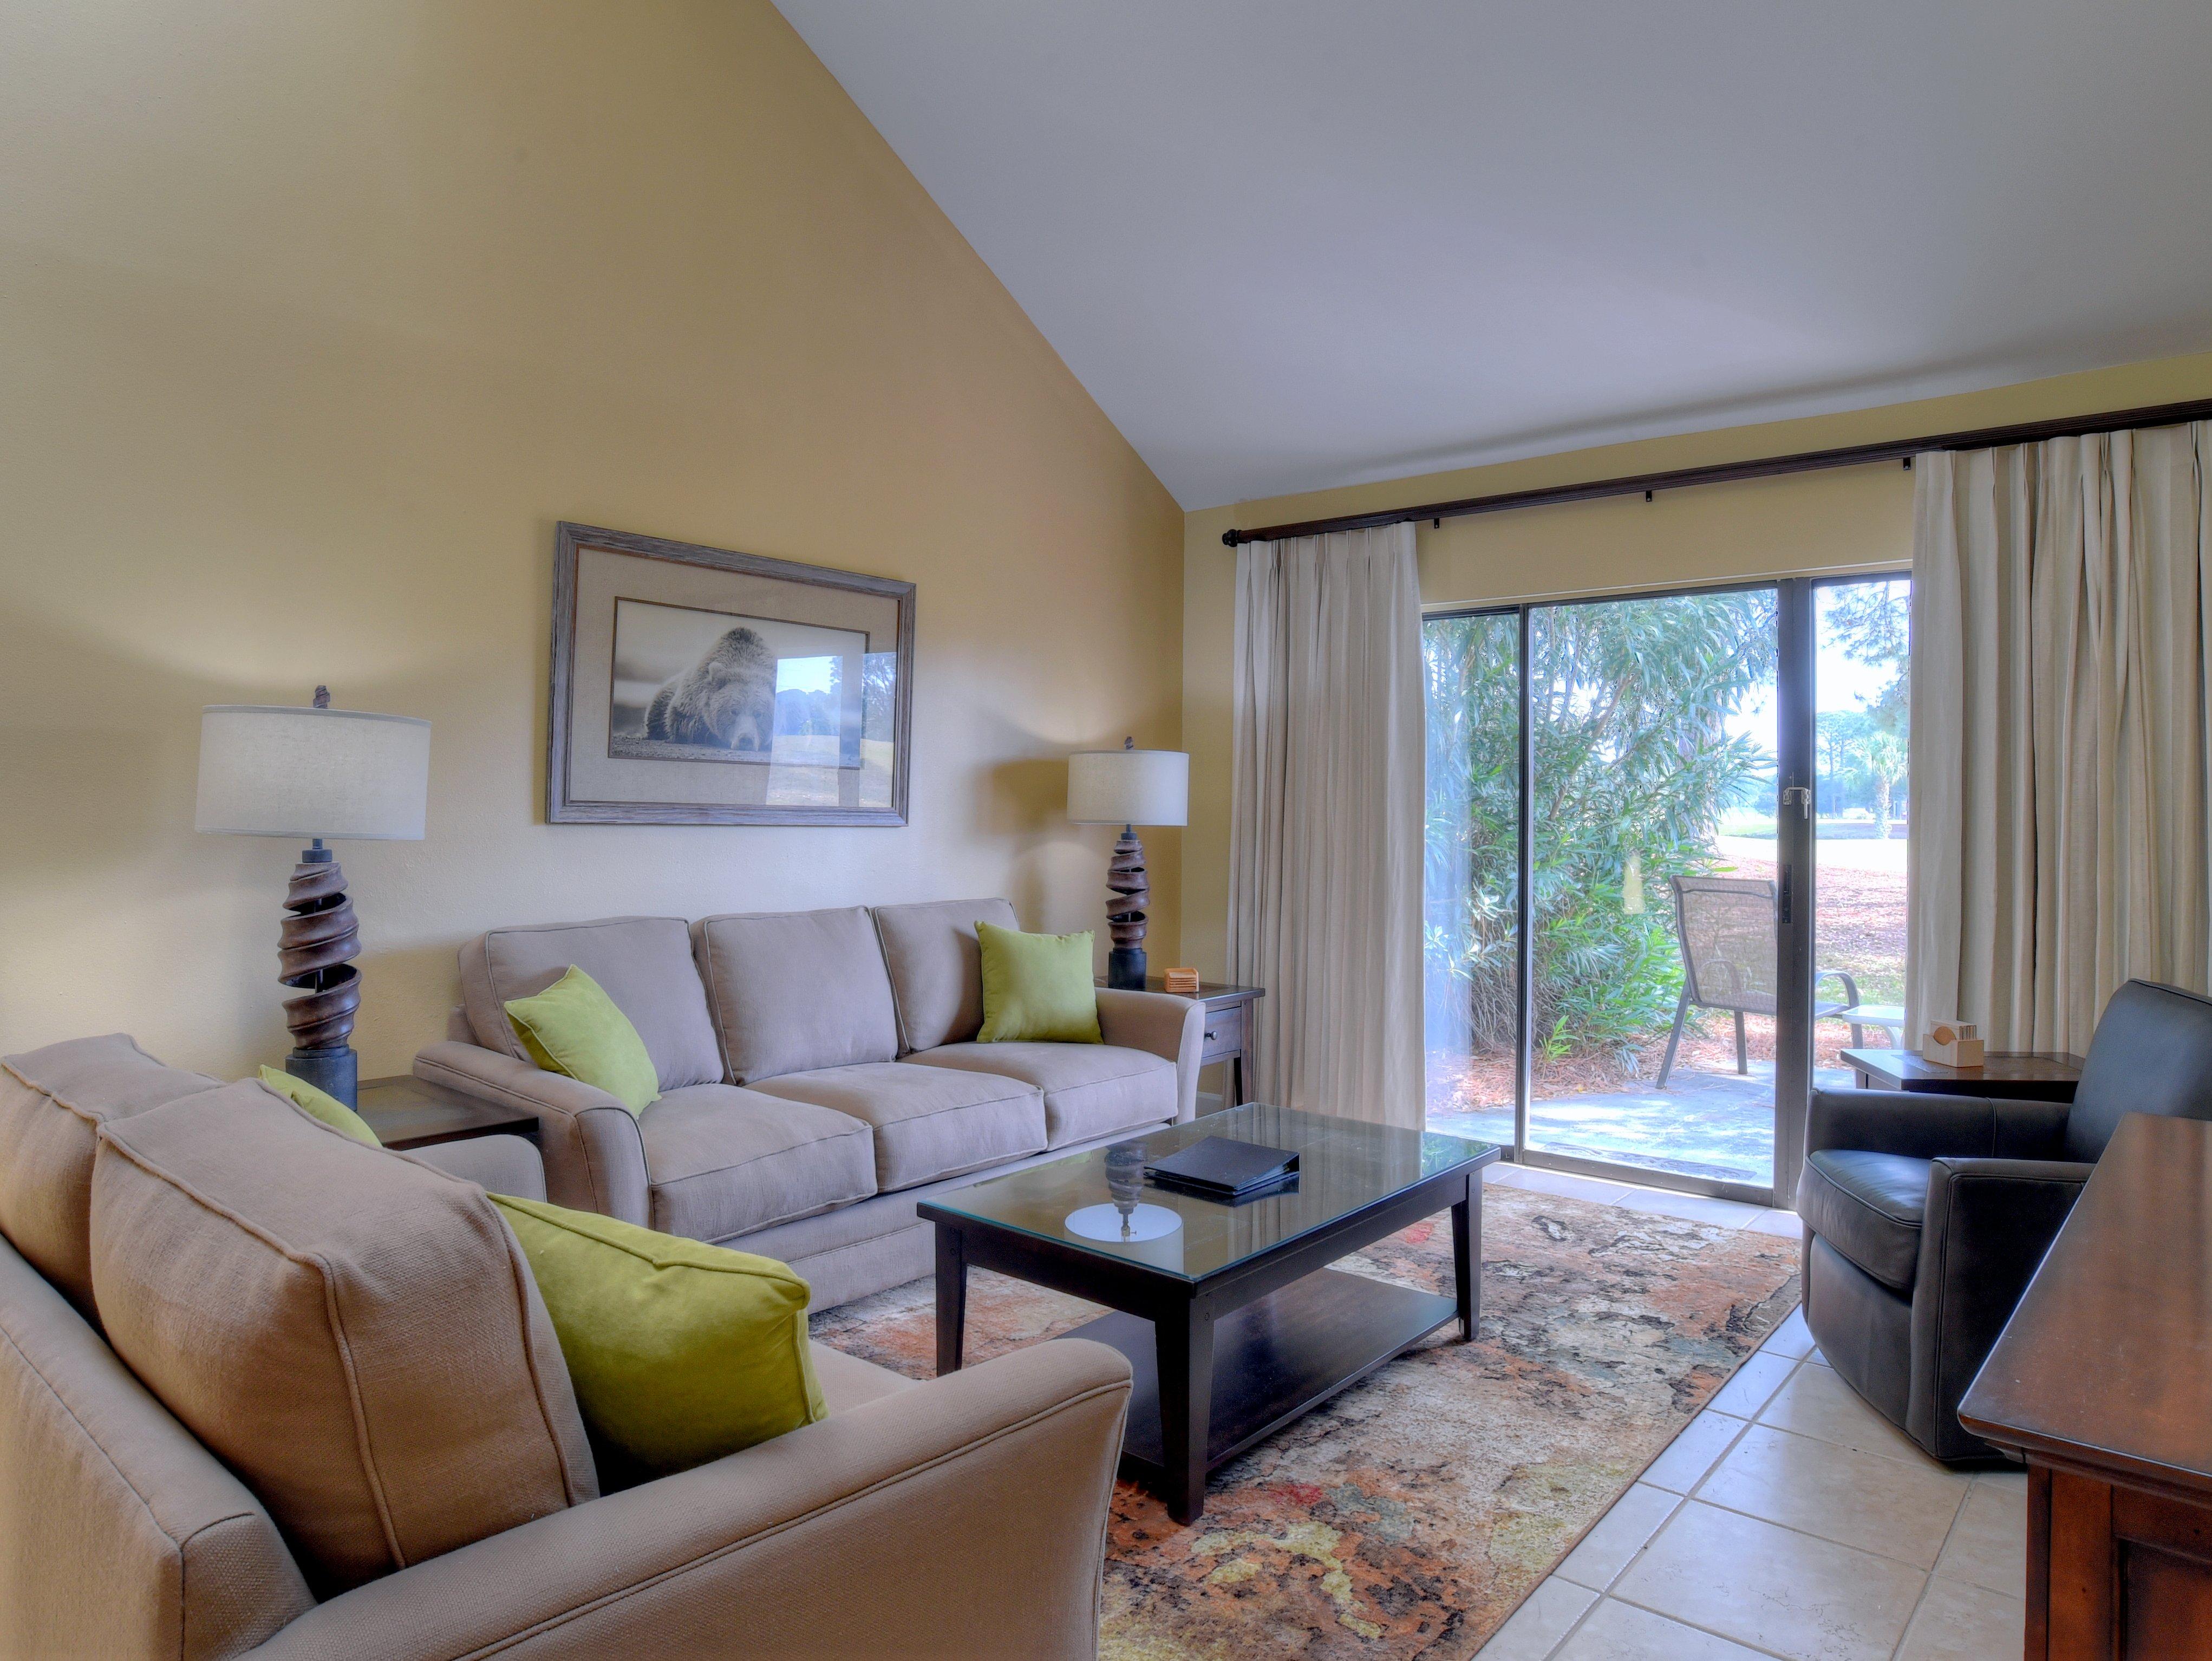 285 Fairways Condo rental in Sandestin Rentals ~ Cottages and Villas  in Destin Florida - #1